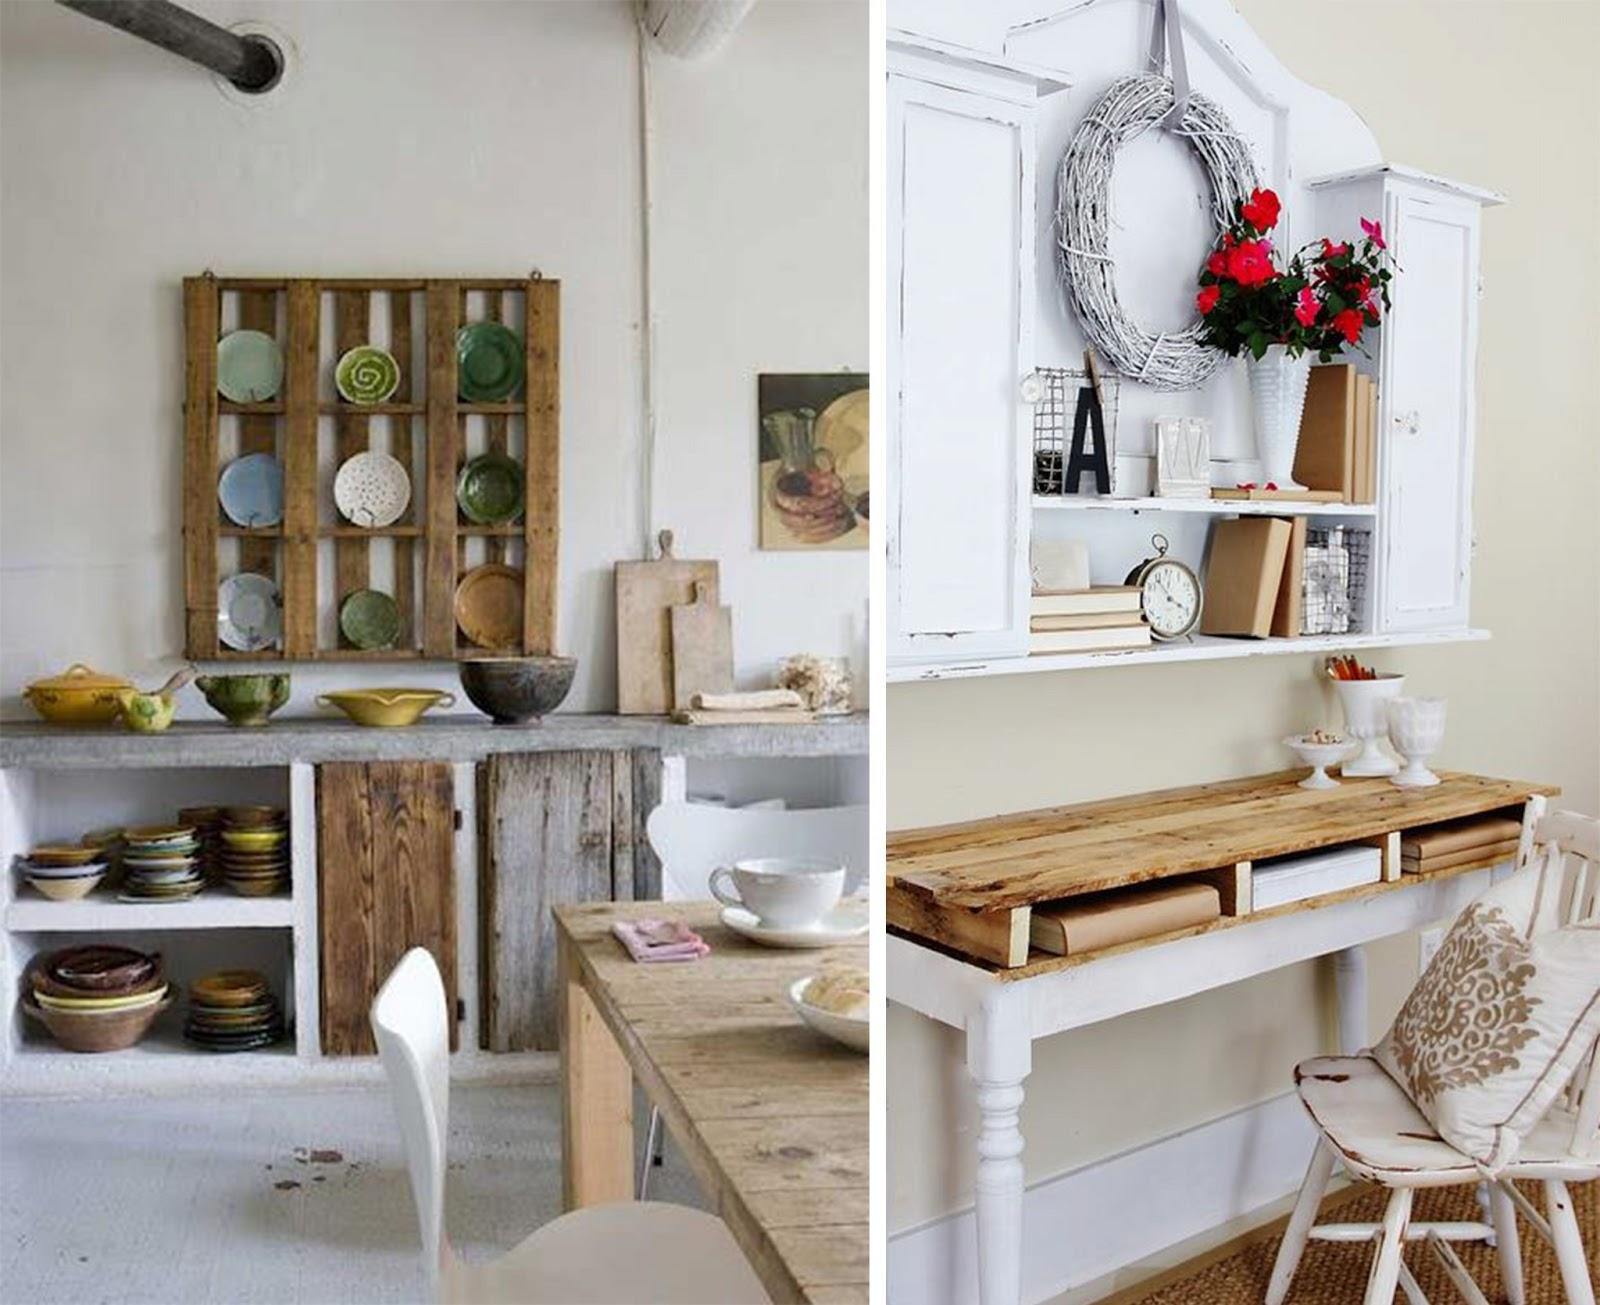 Pallet come arredo di design meglio se riciclati arc art blog by daniele drigo - Mobili bancali legno ...